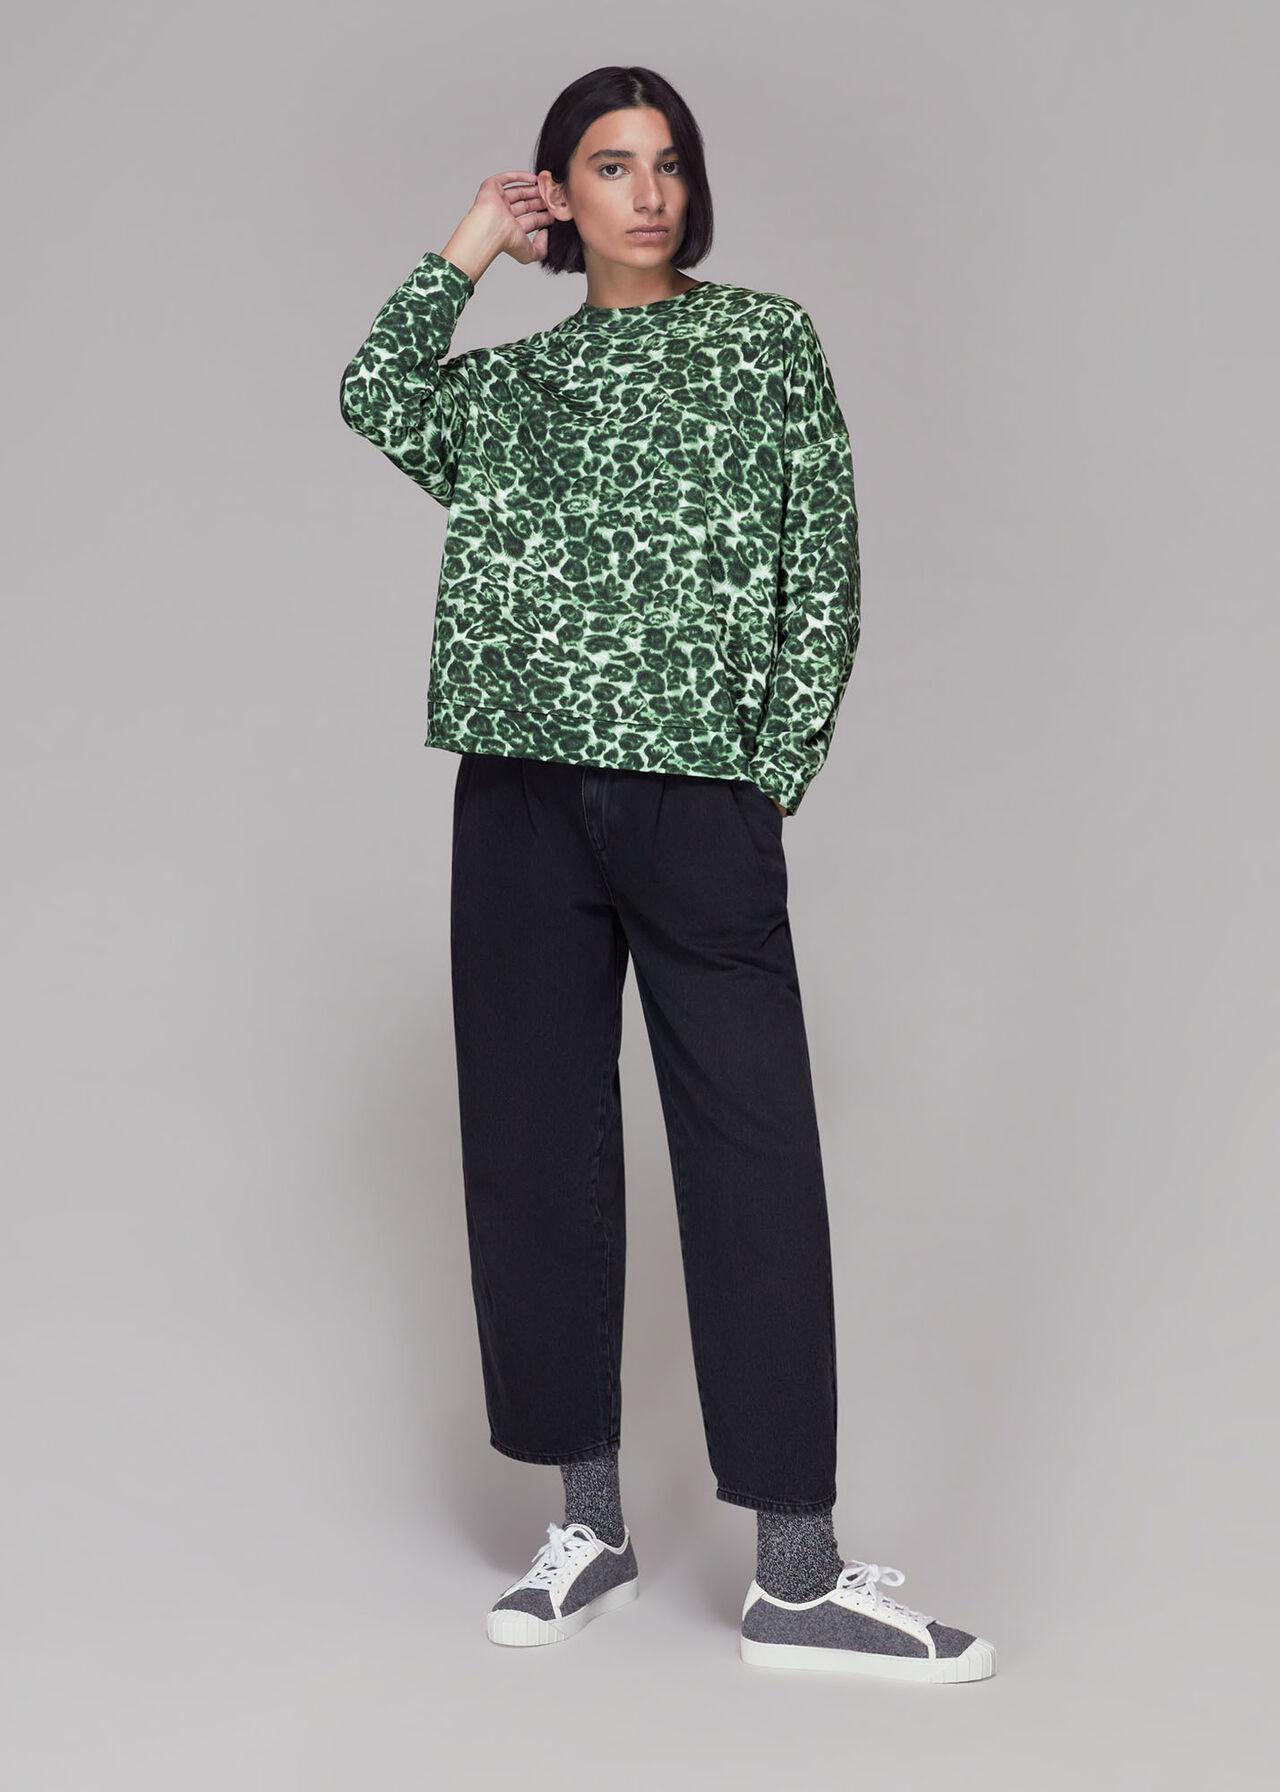 Clouded Leopard Sweatshirt